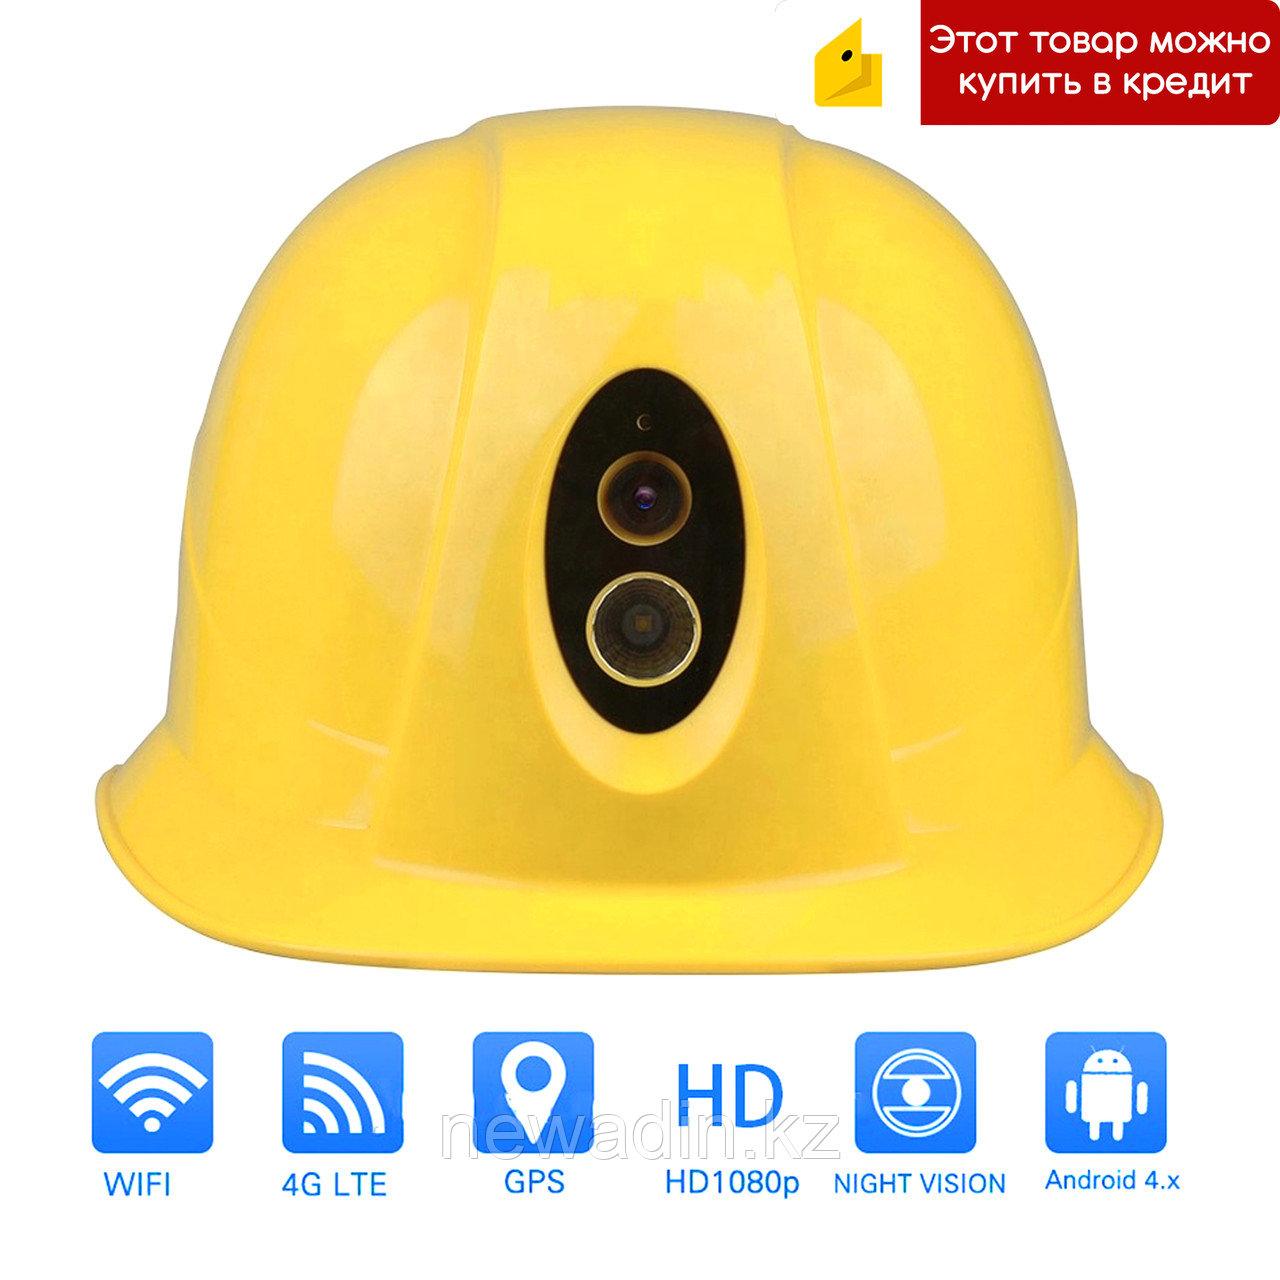 Смарт защитная каска со встроенной видеокамерой, LED фонарем, WiFi